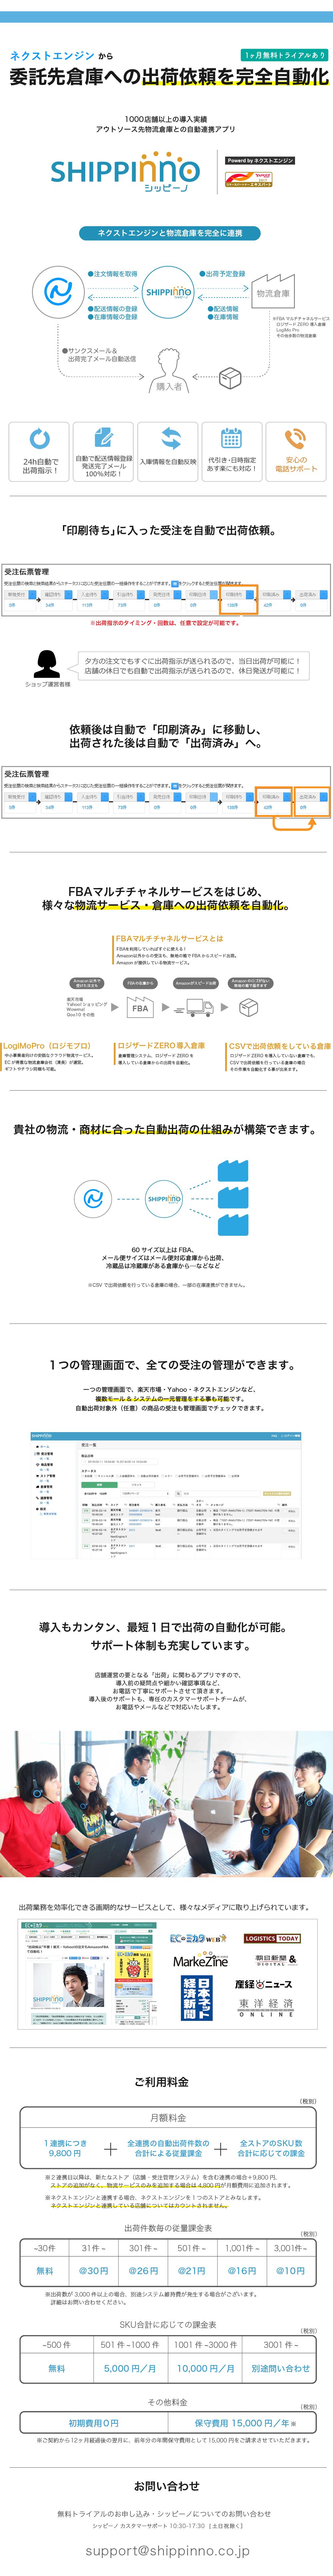 出荷業務を完全に自動化するアプリ「シッピーノ」